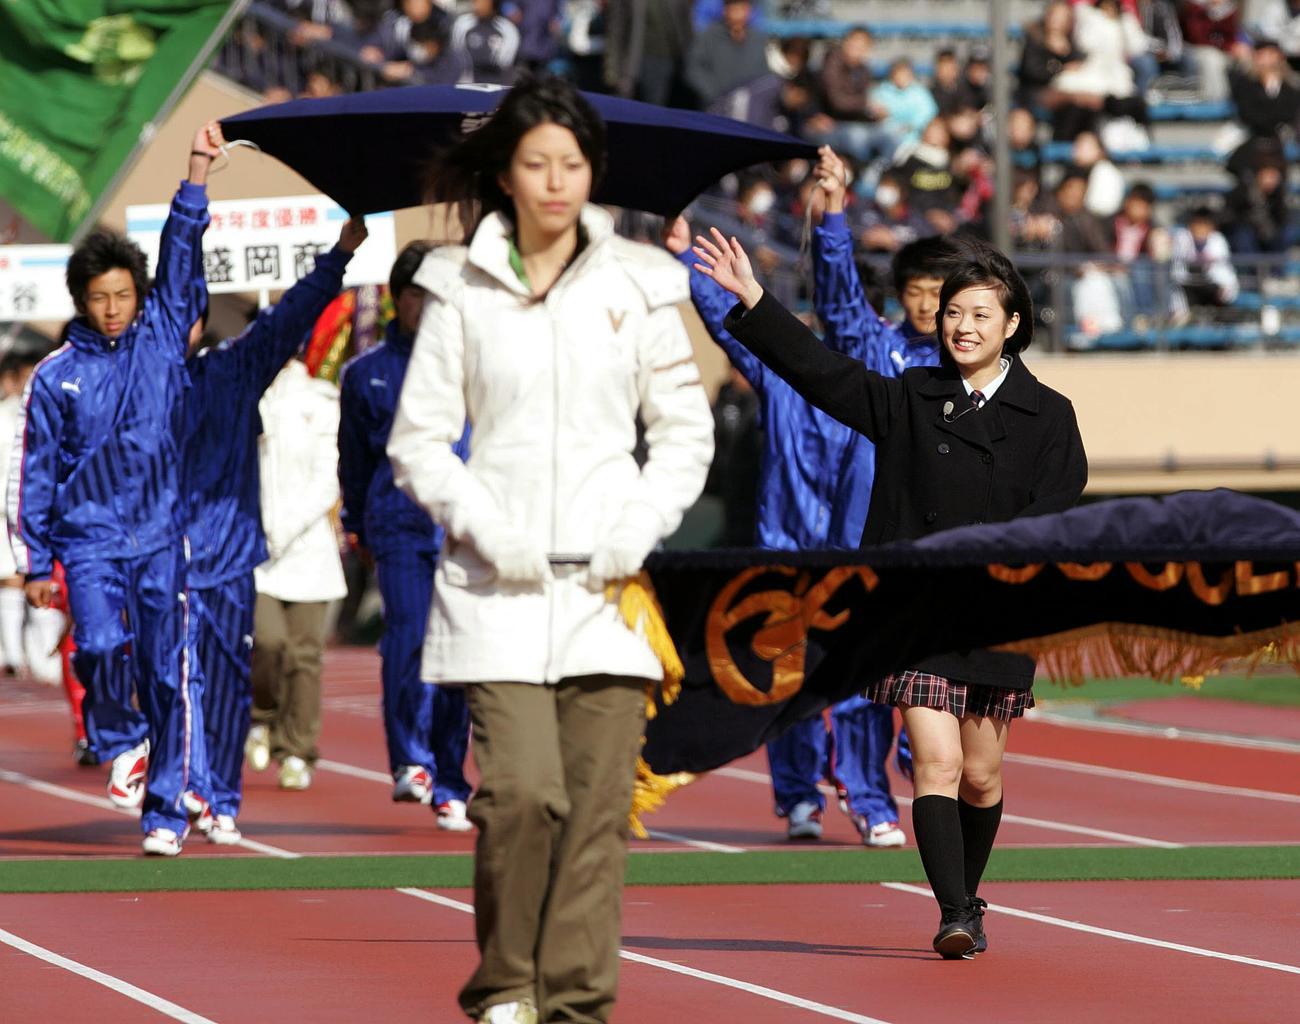 大会の3代目マネジャーとして入場行進する北乃きい(右端)(07年12月30日)